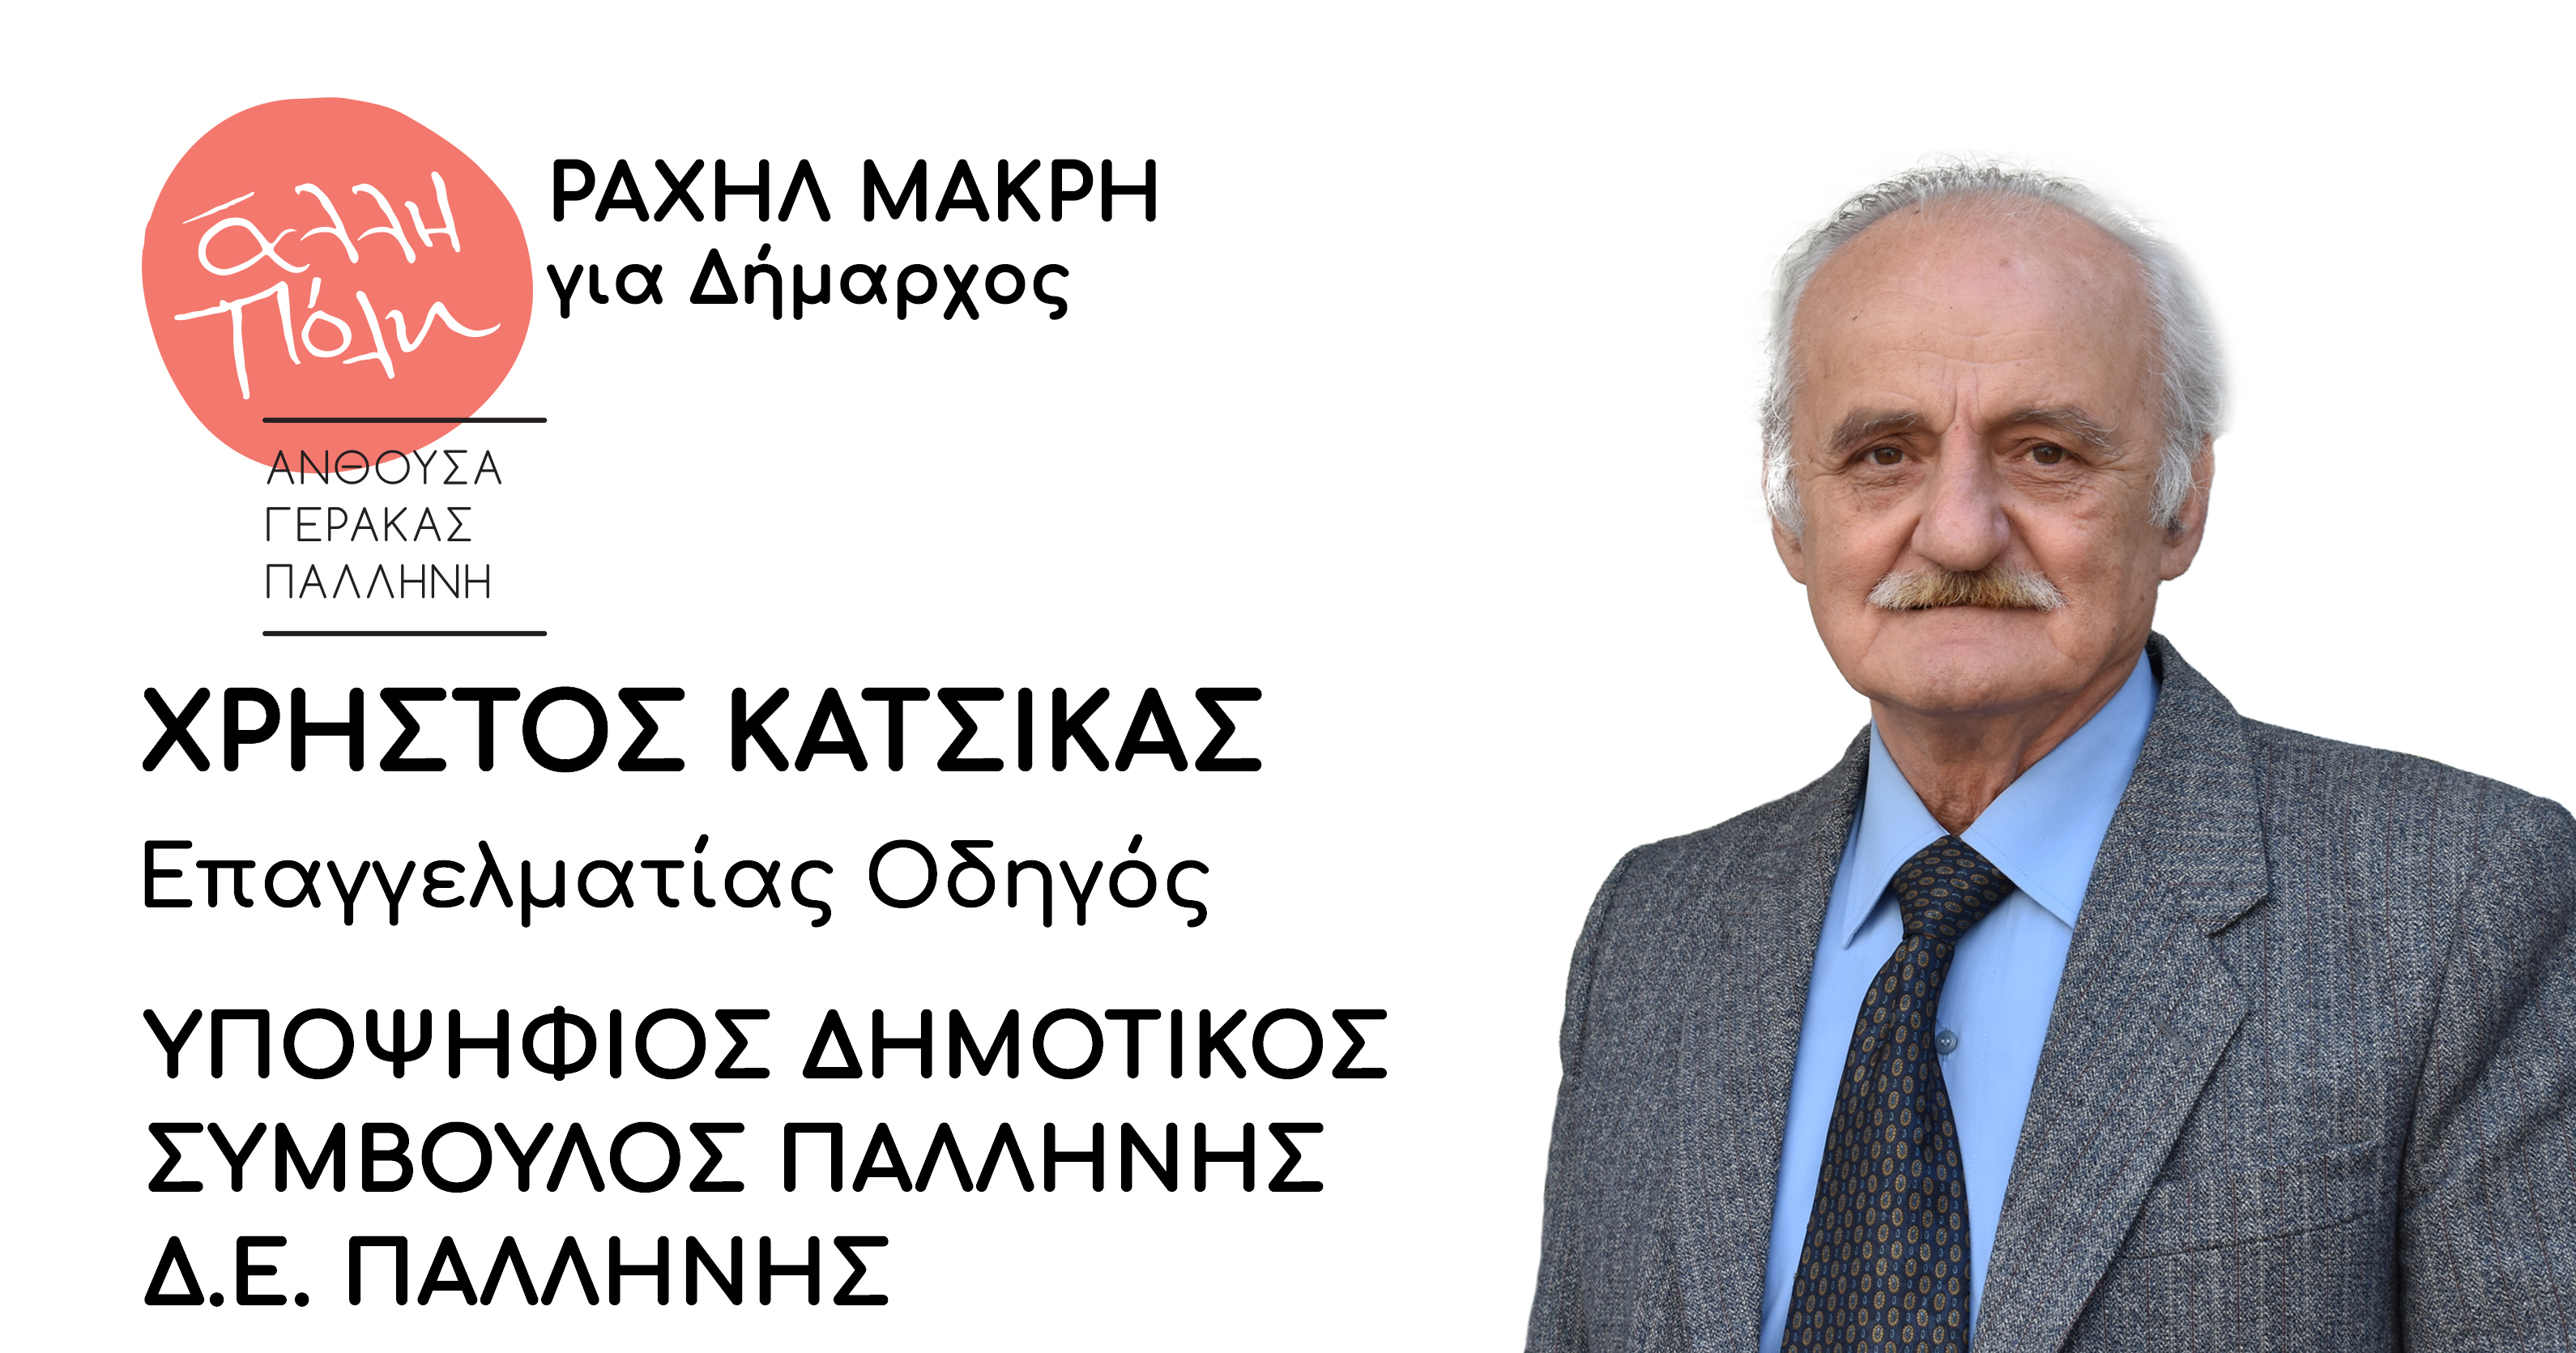 Υποψήφιος Δημοτικός Σύμβουλος – Χρήστος Κάτσικας